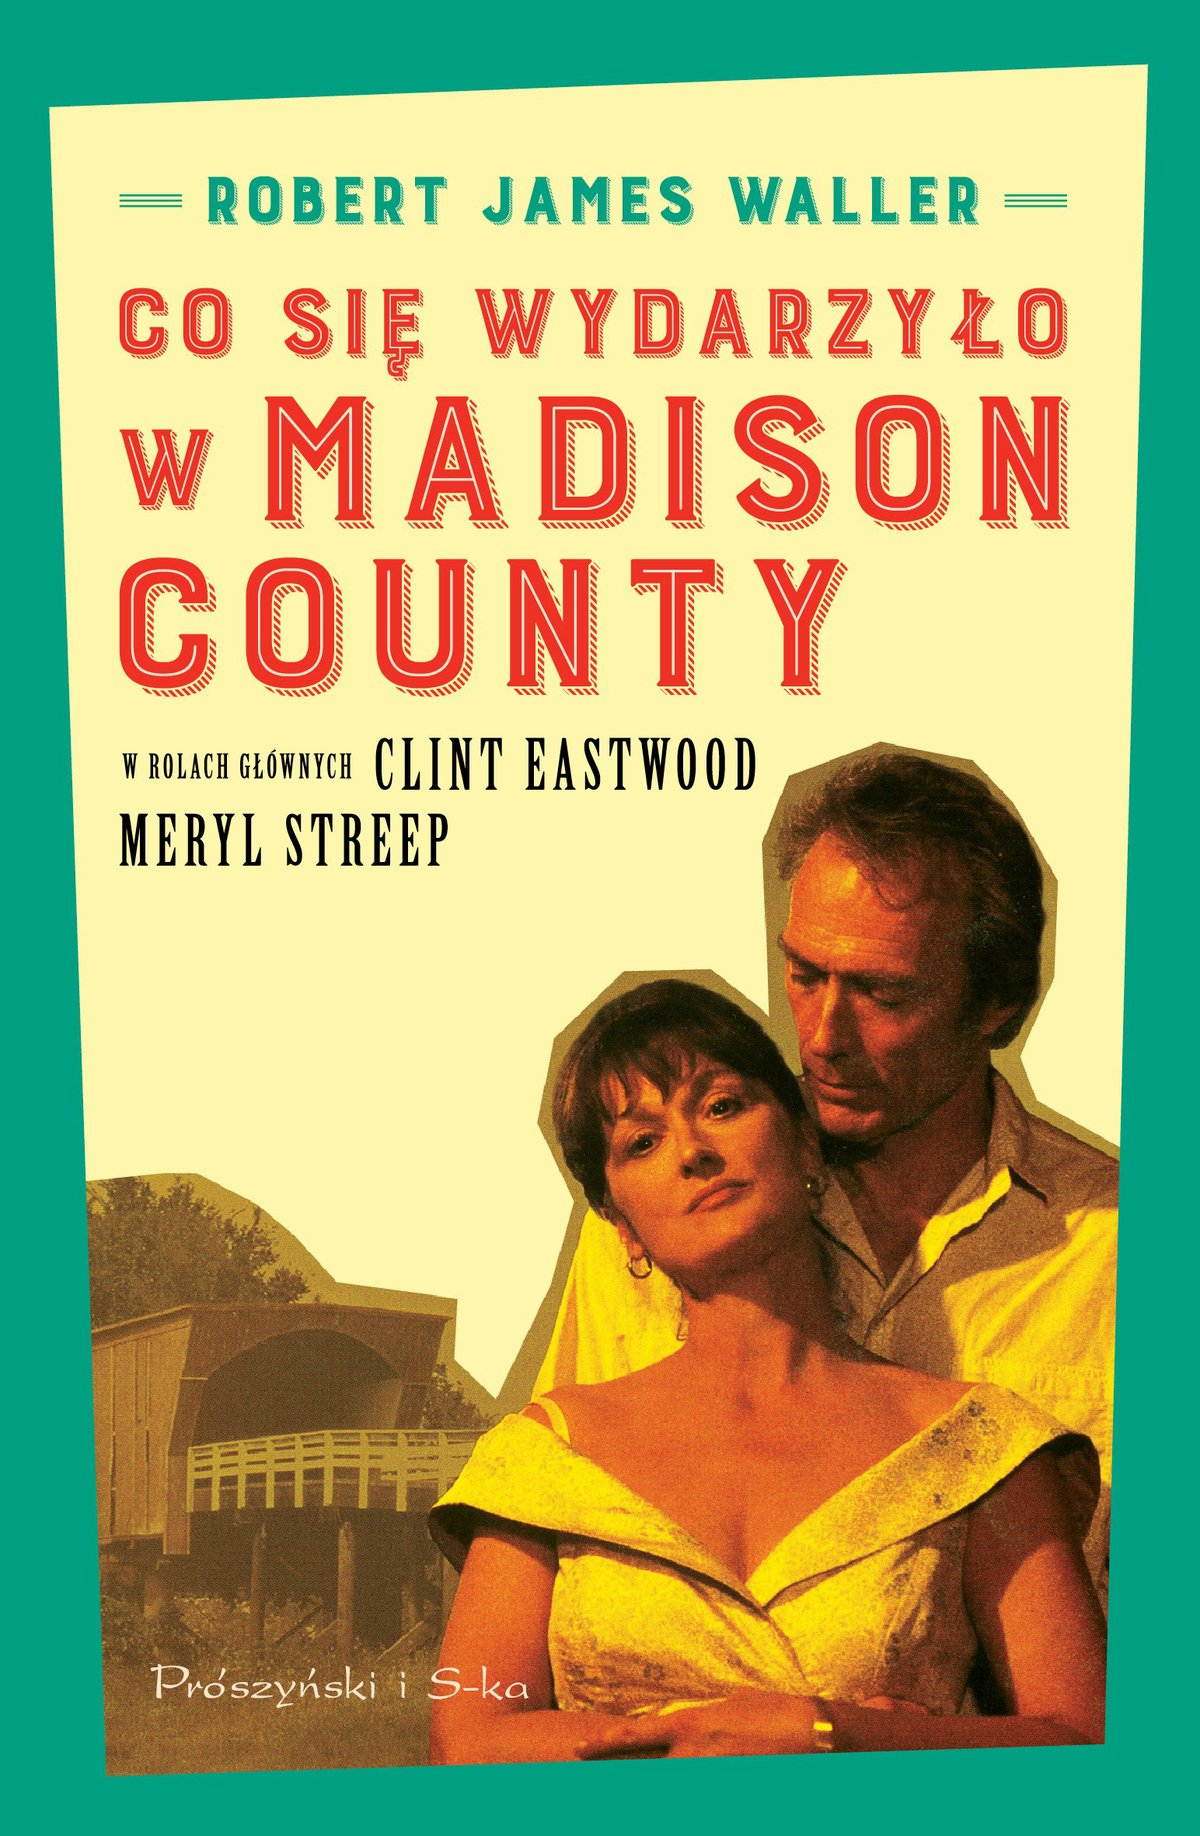 Co się wydarzyło w Madison County - Ebook (Książka EPUB) do pobrania w formacie EPUB